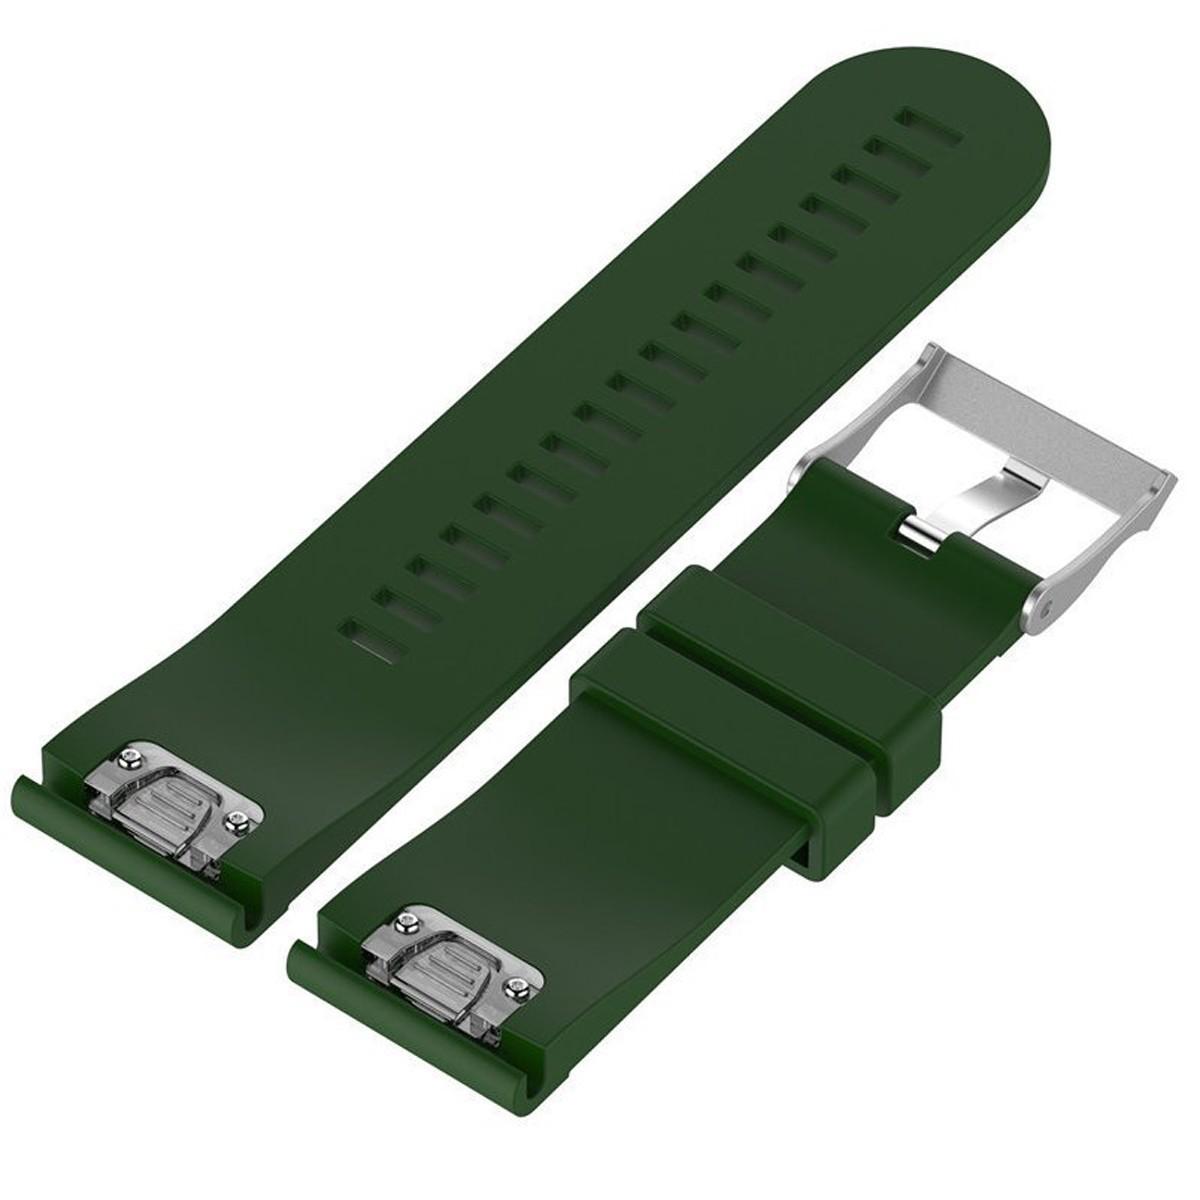 Curea ceas Smartwatch Garmin Fenix 5, 22 mm Silicon iUni Green